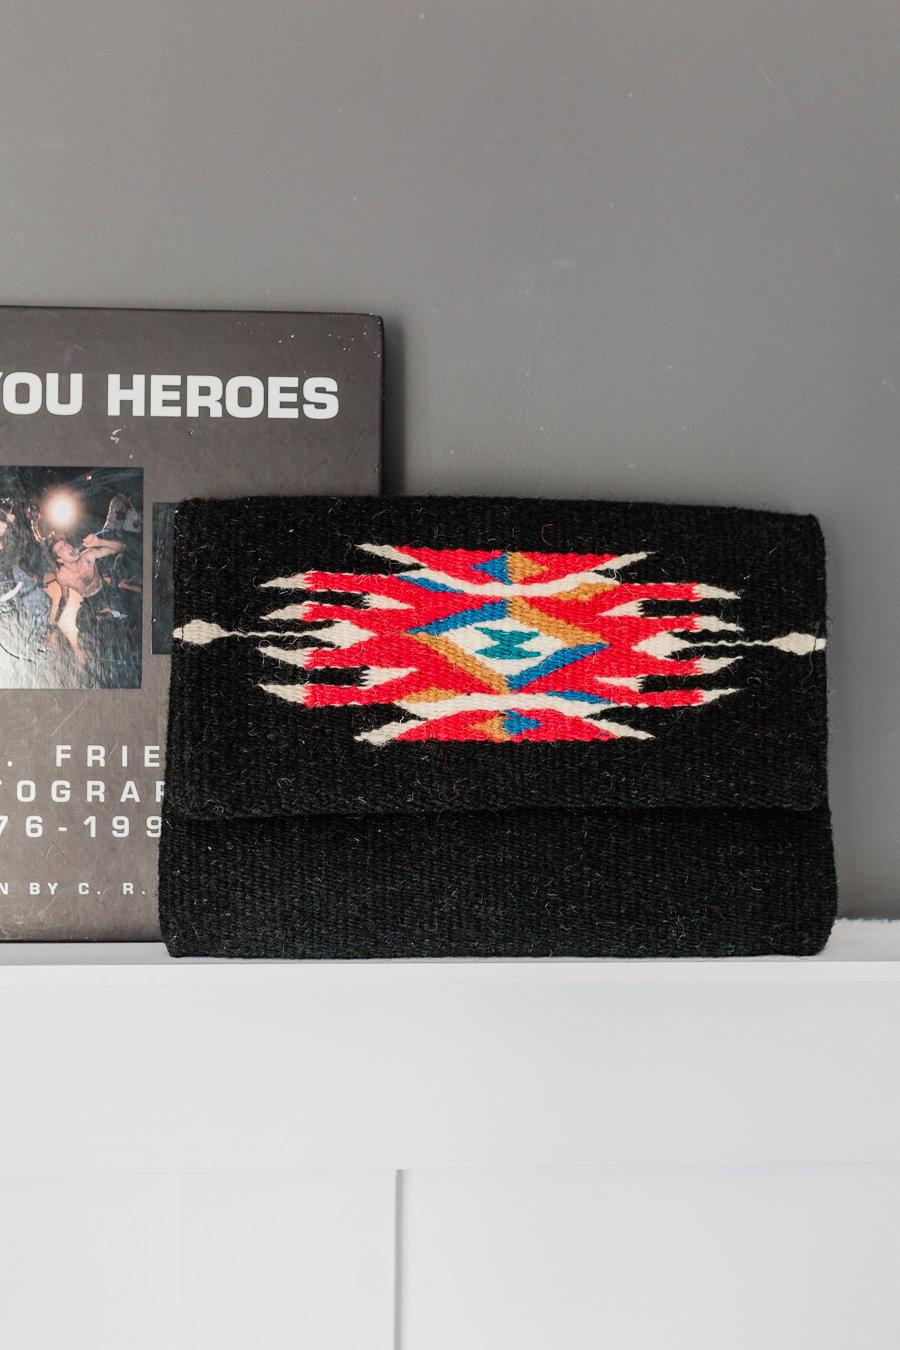 Image of Girlfixer 'Clutch' Bag